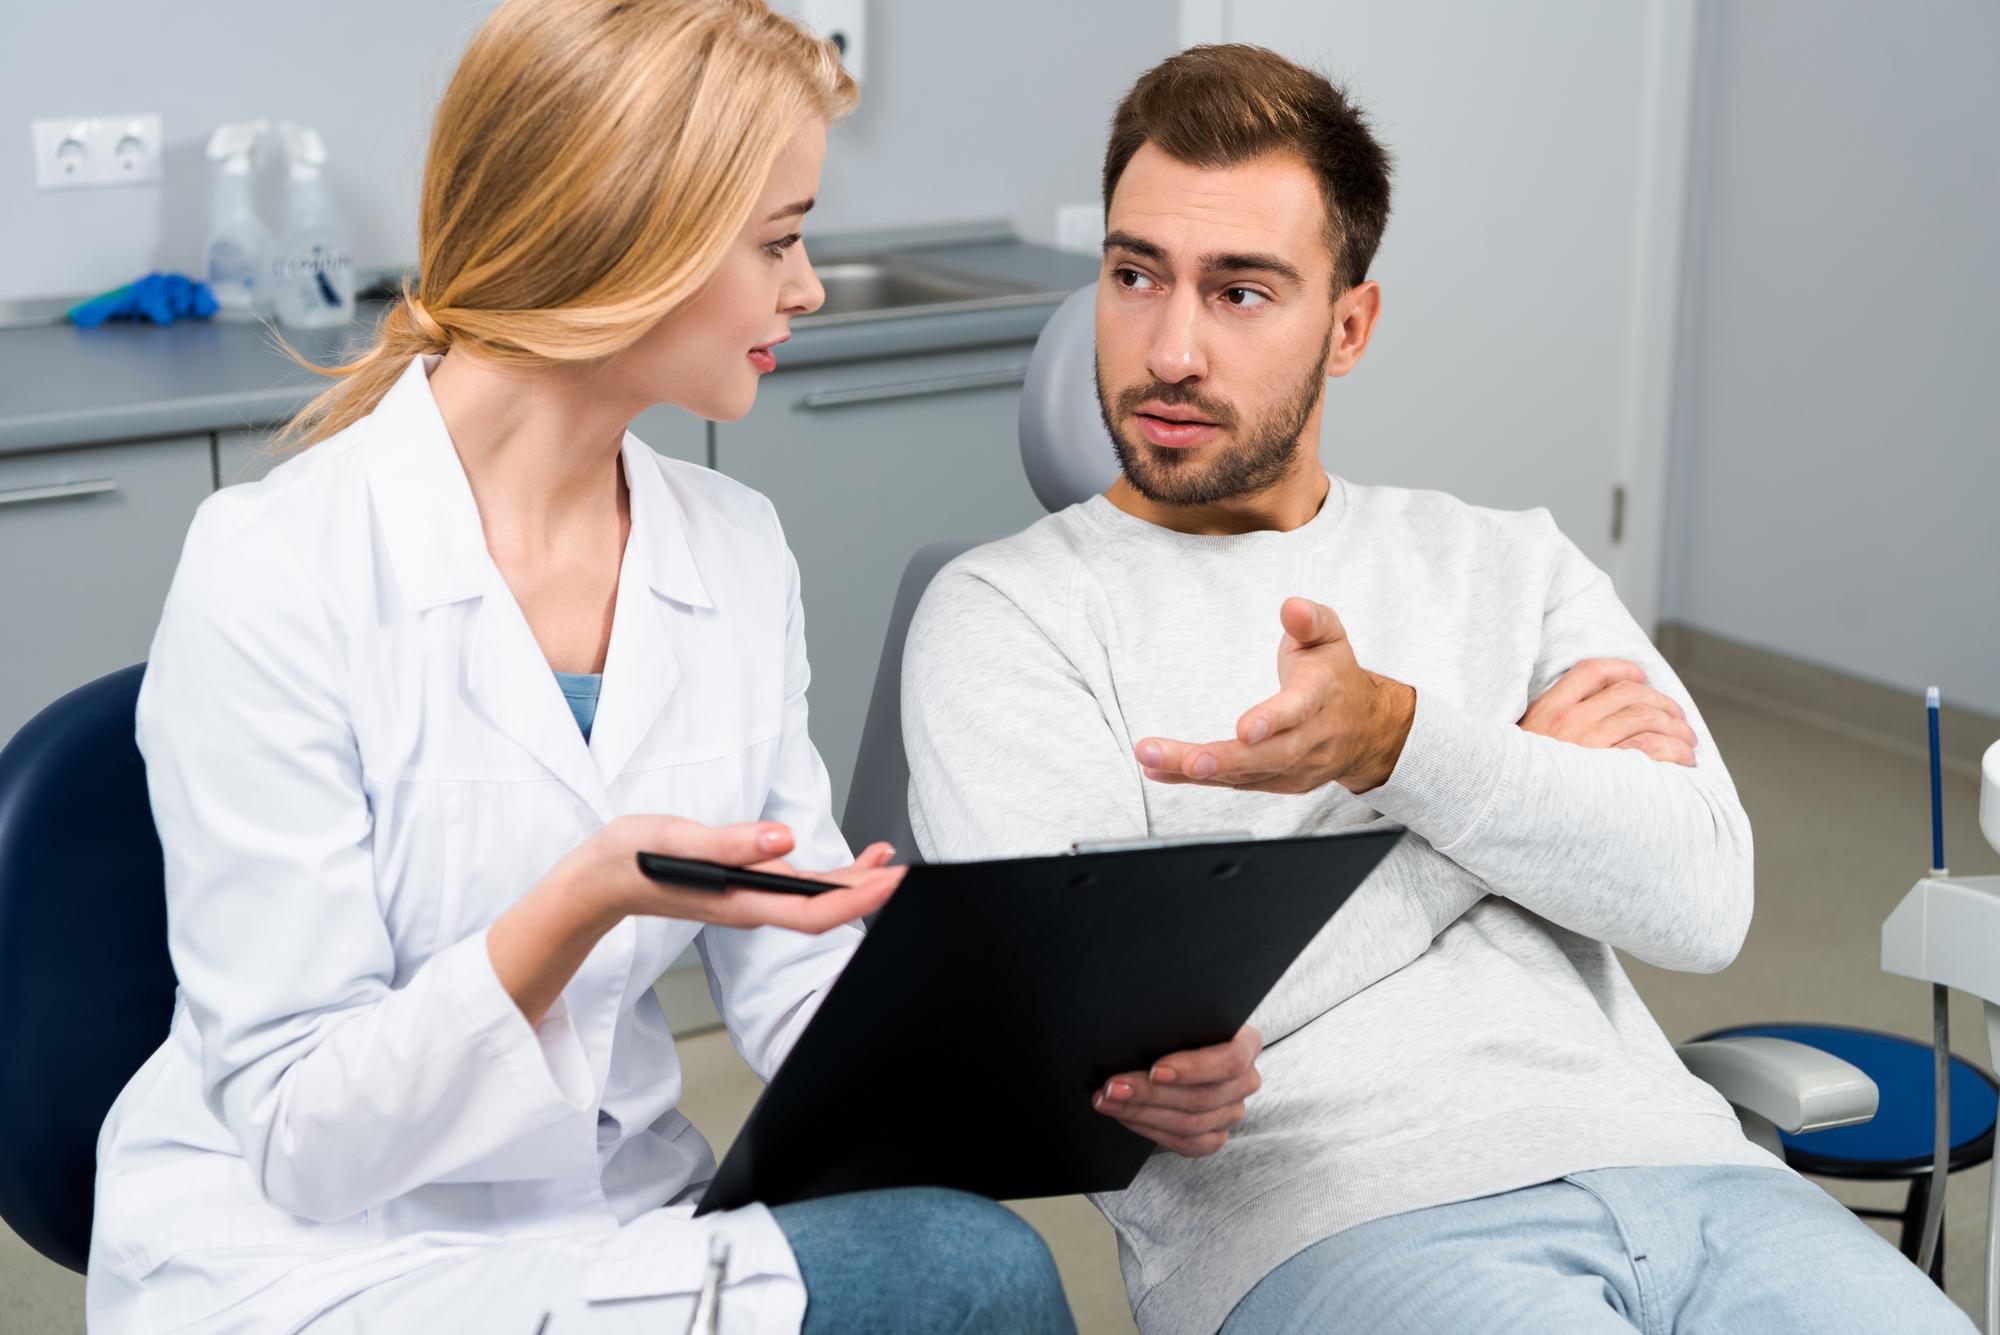 pokazaniya-u-stomatologa-naznachaet-metrogil